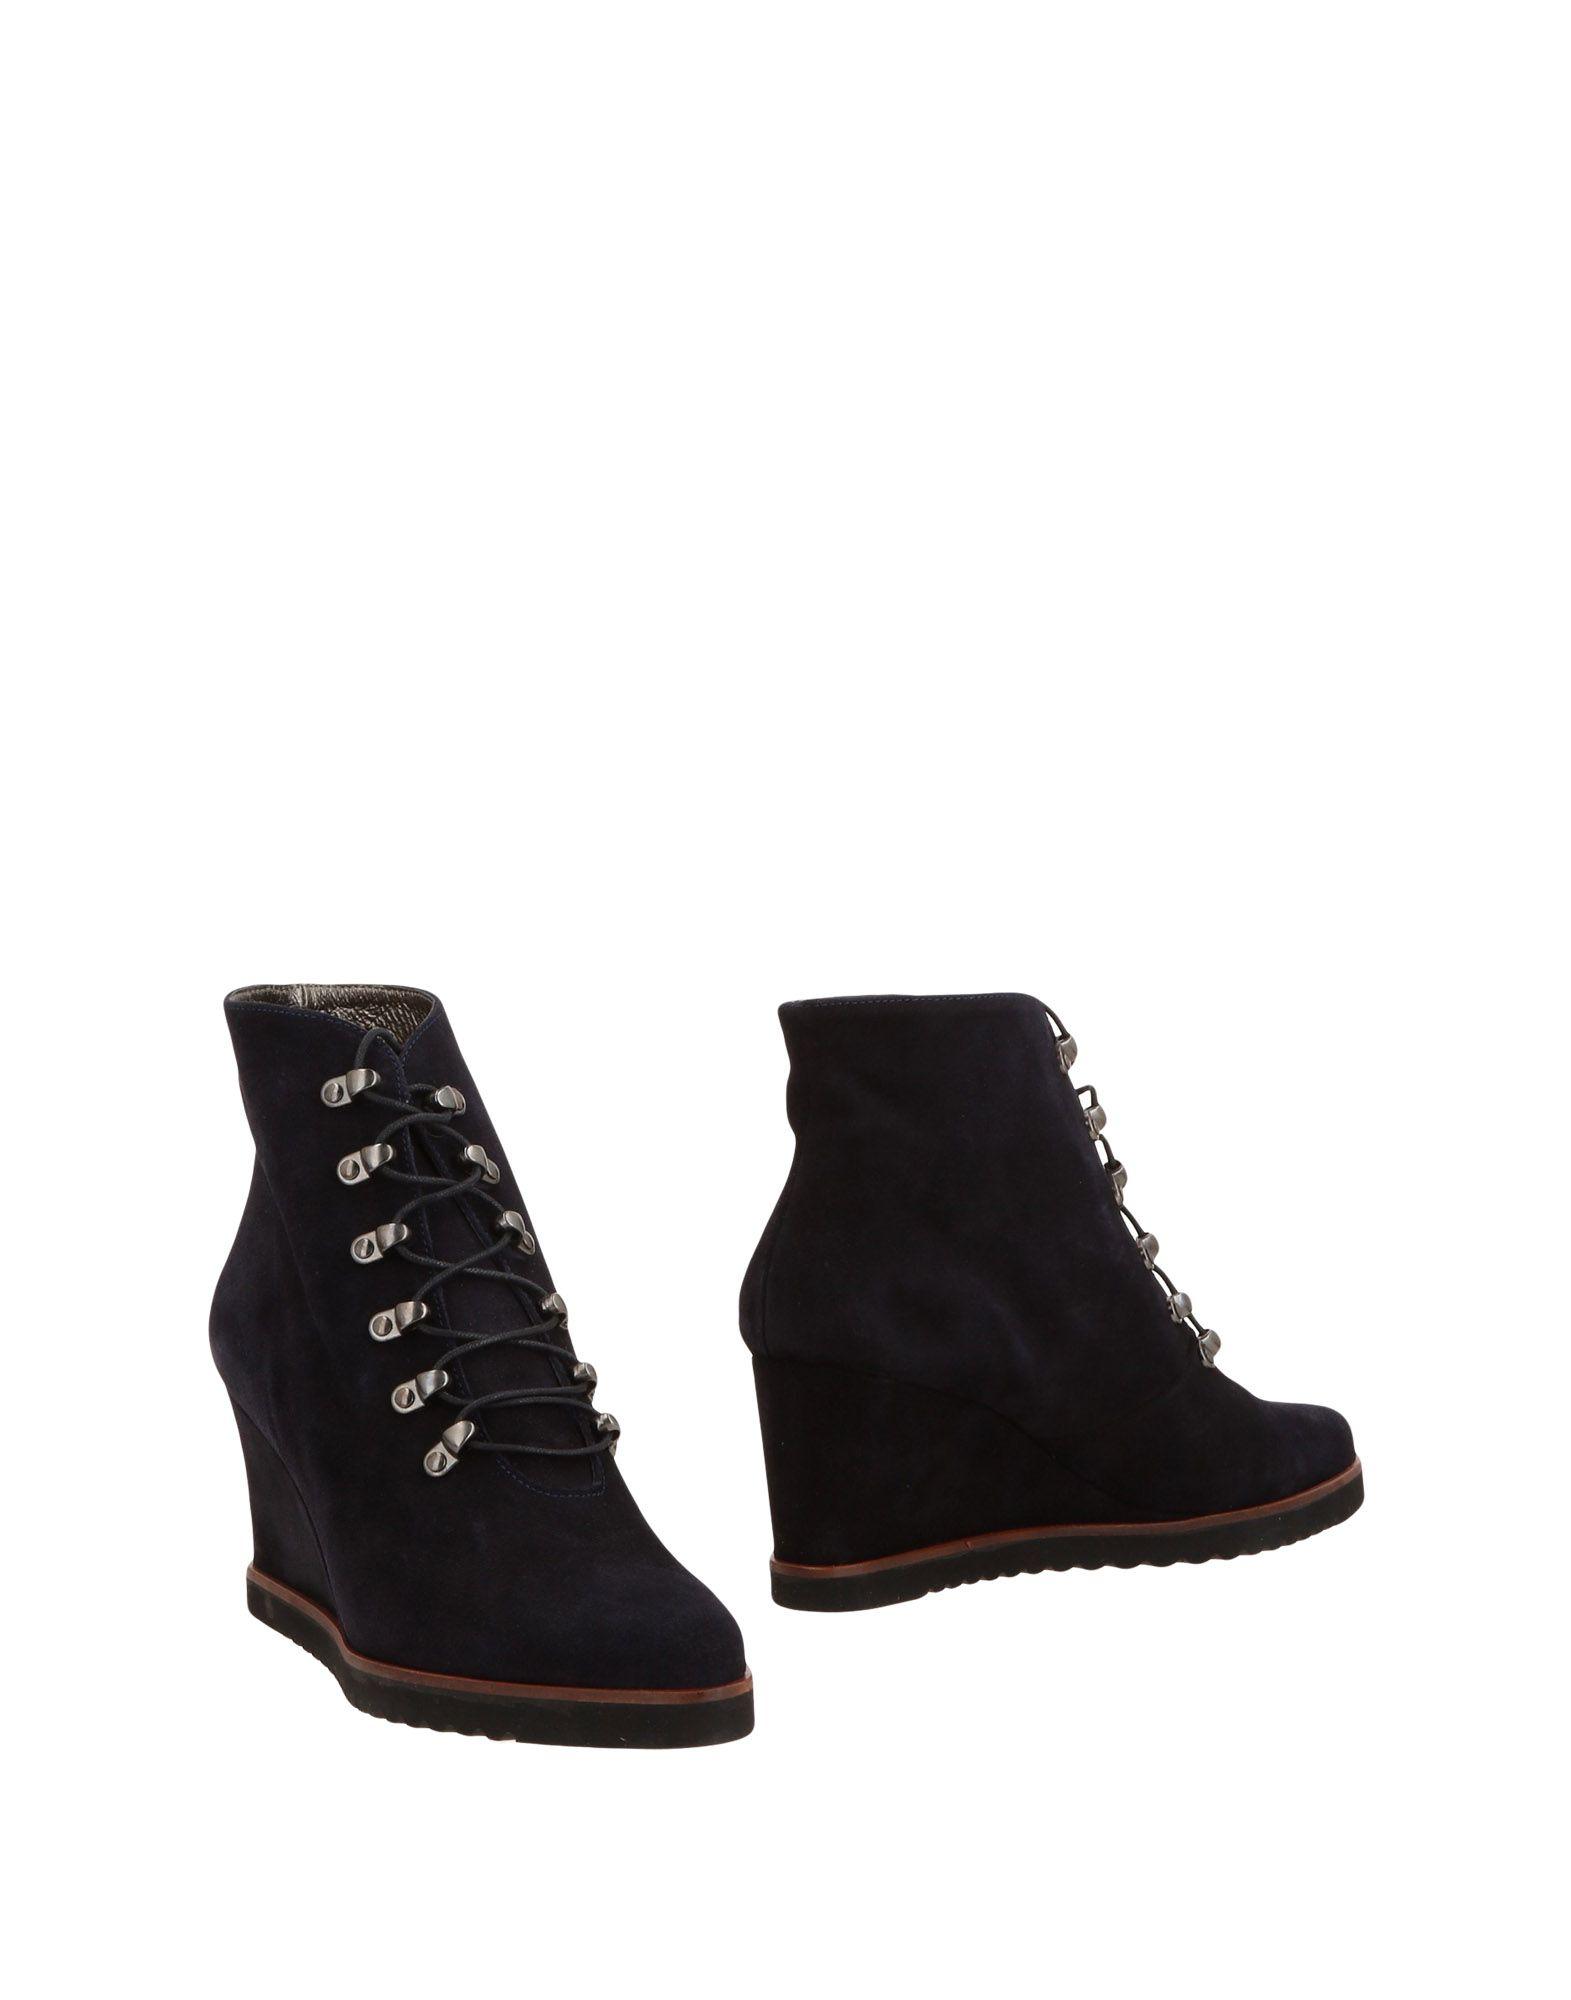 M&P Maypol Stiefelette Damen  11460145JQ Gute Qualität beliebte Schuhe